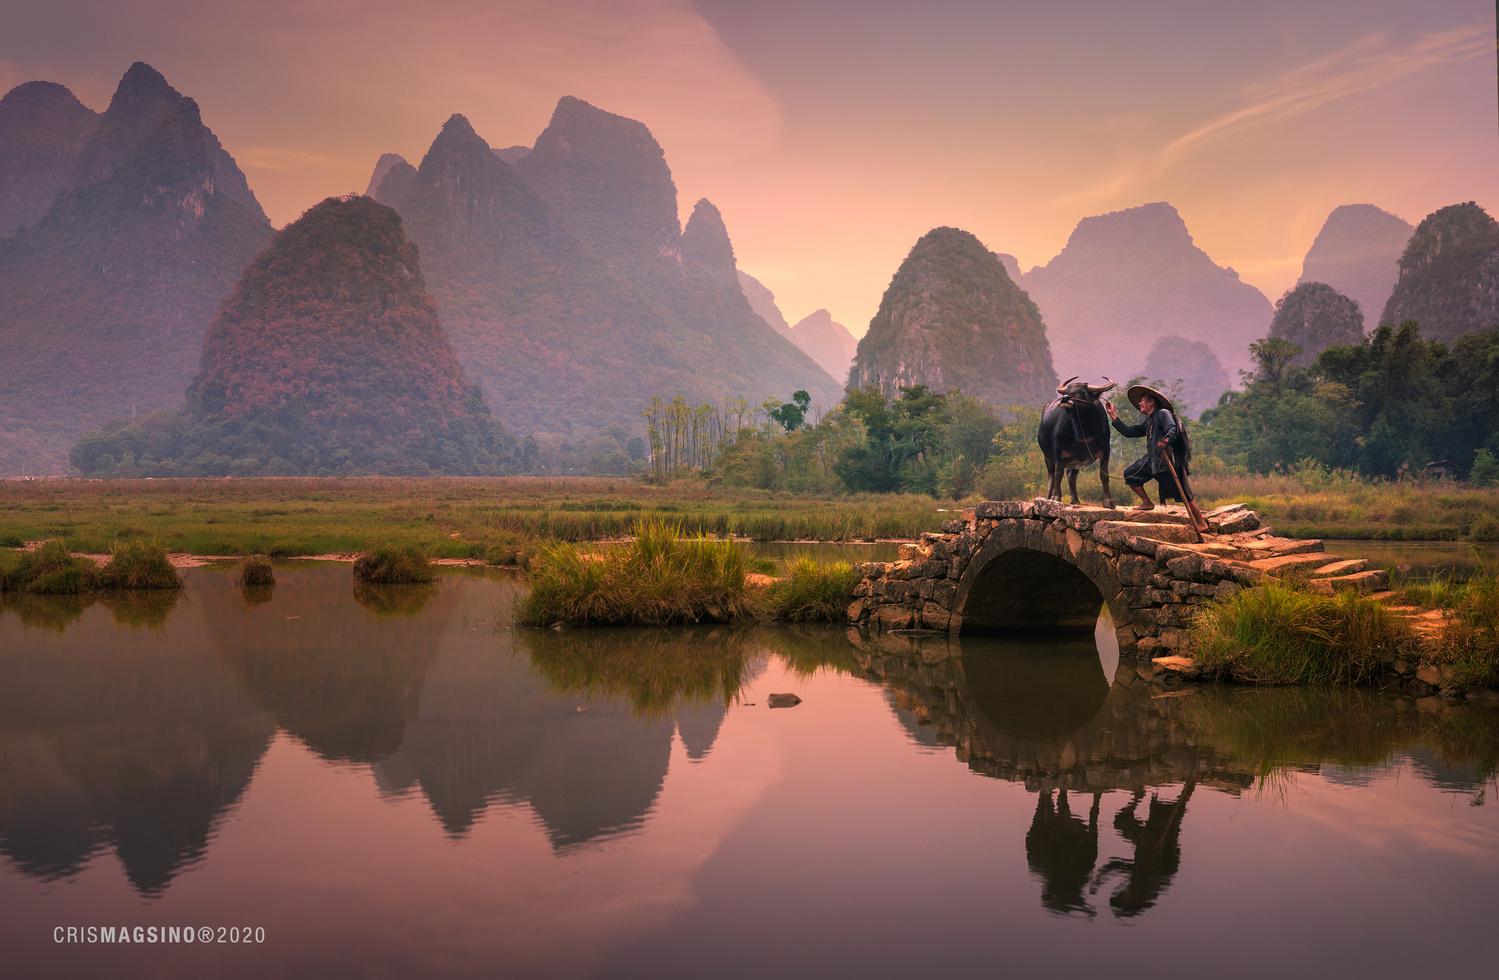 Mornings at Guilin by Cris Magsino